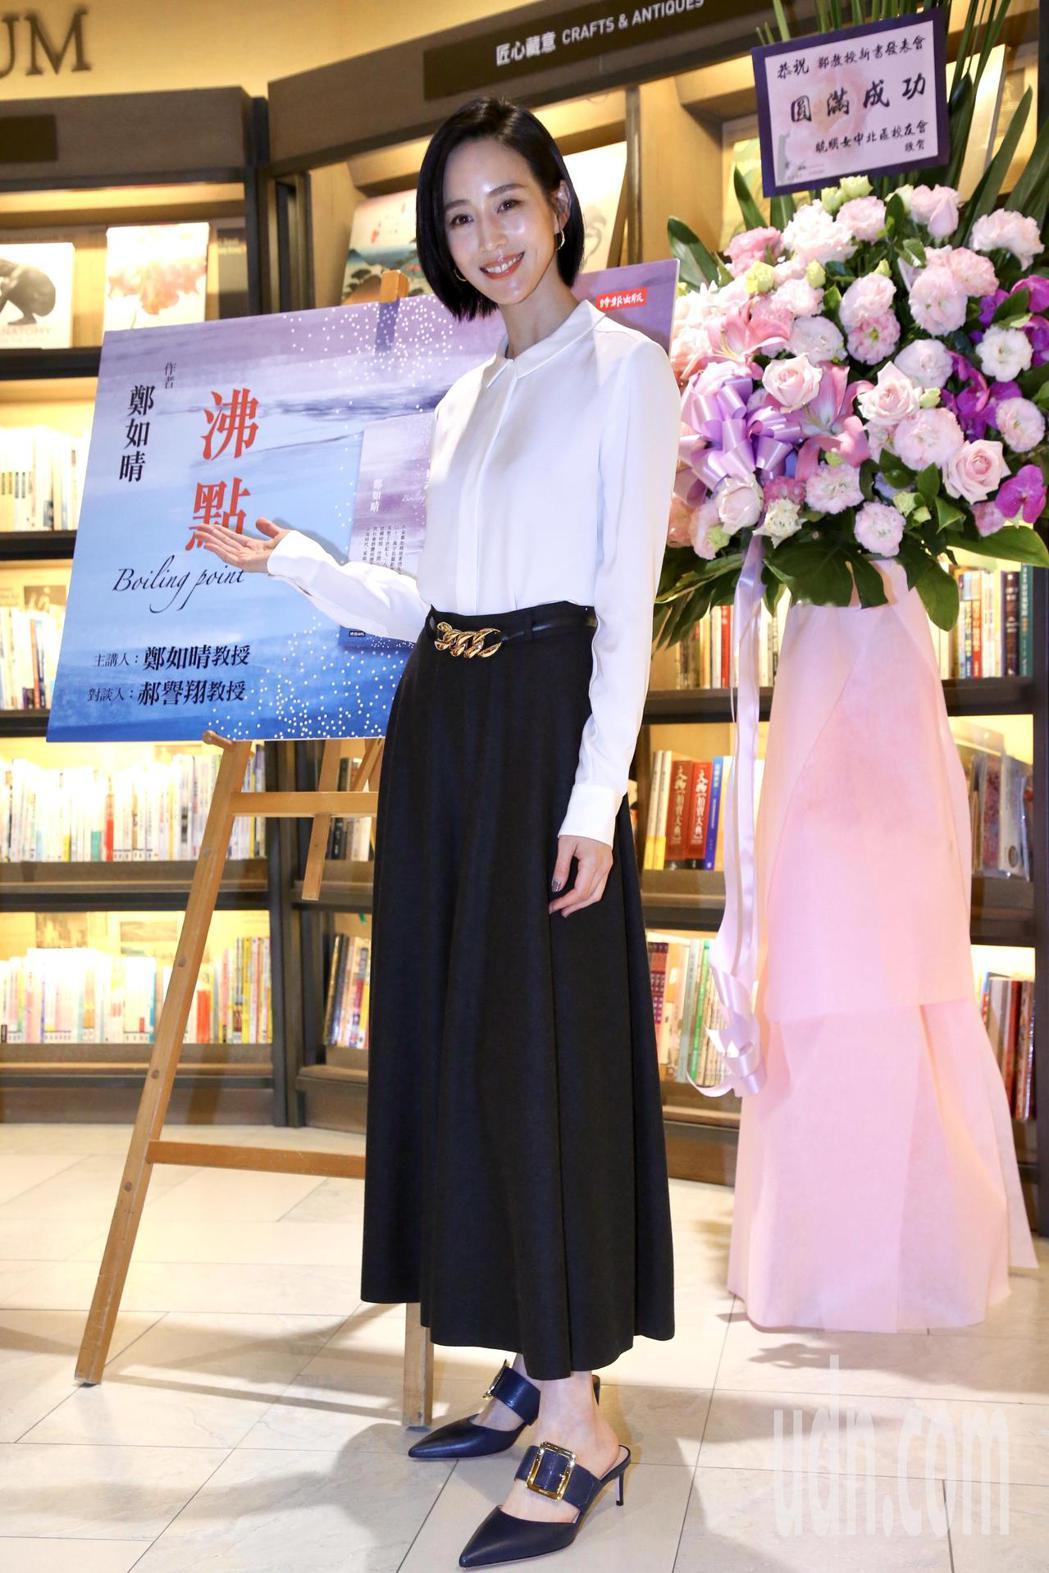 張鈞甯(圖)現身作家媽媽鄭如晴新書「沸點」分享會,為母親站台。記者林俊良/攝影